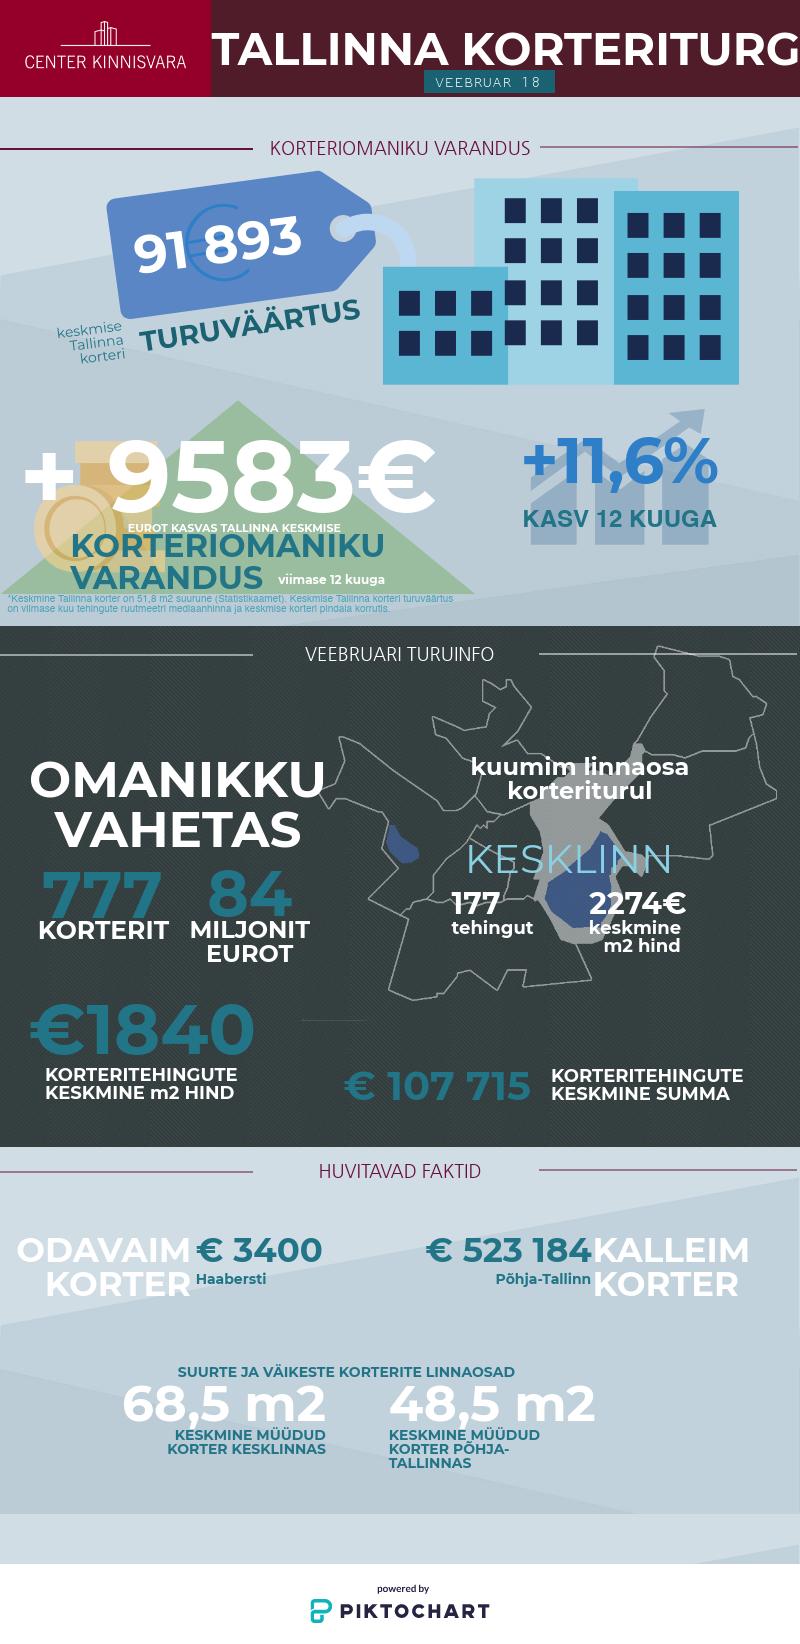 180313 Keskmine Tallinna korter teenis omanikule aastaga ligi 10 000 eurot